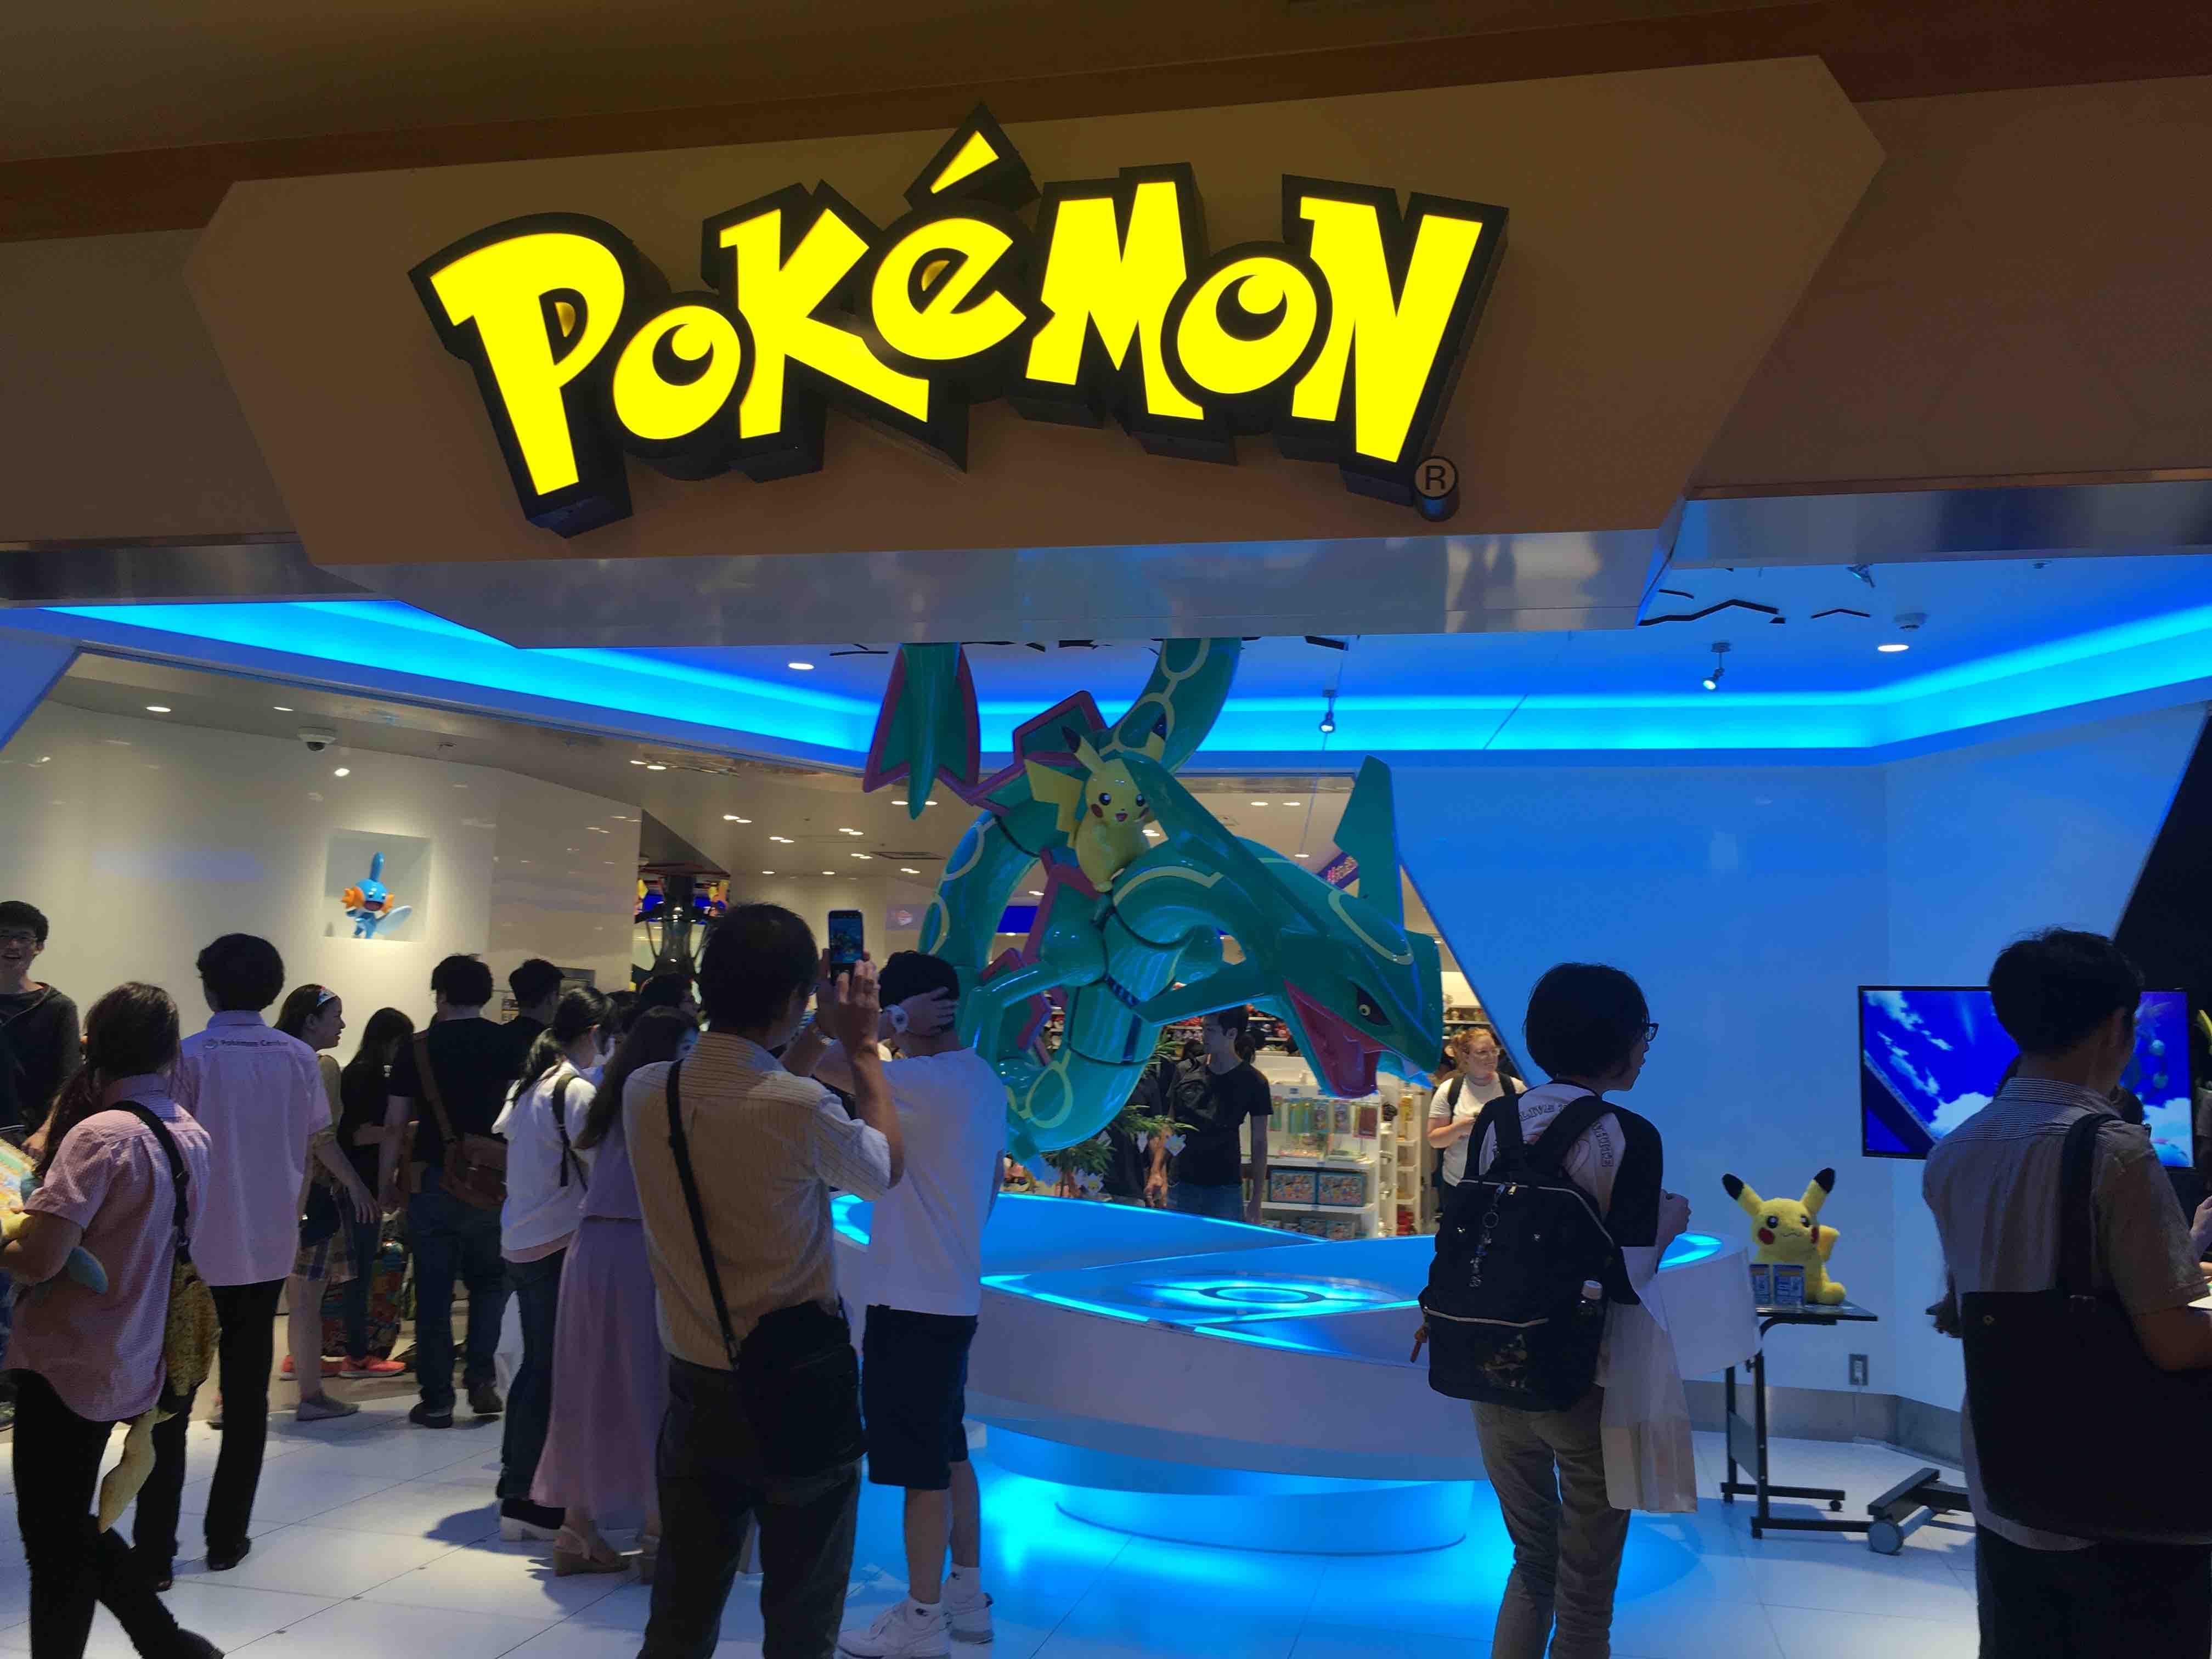 Pokémon first day in tokyo